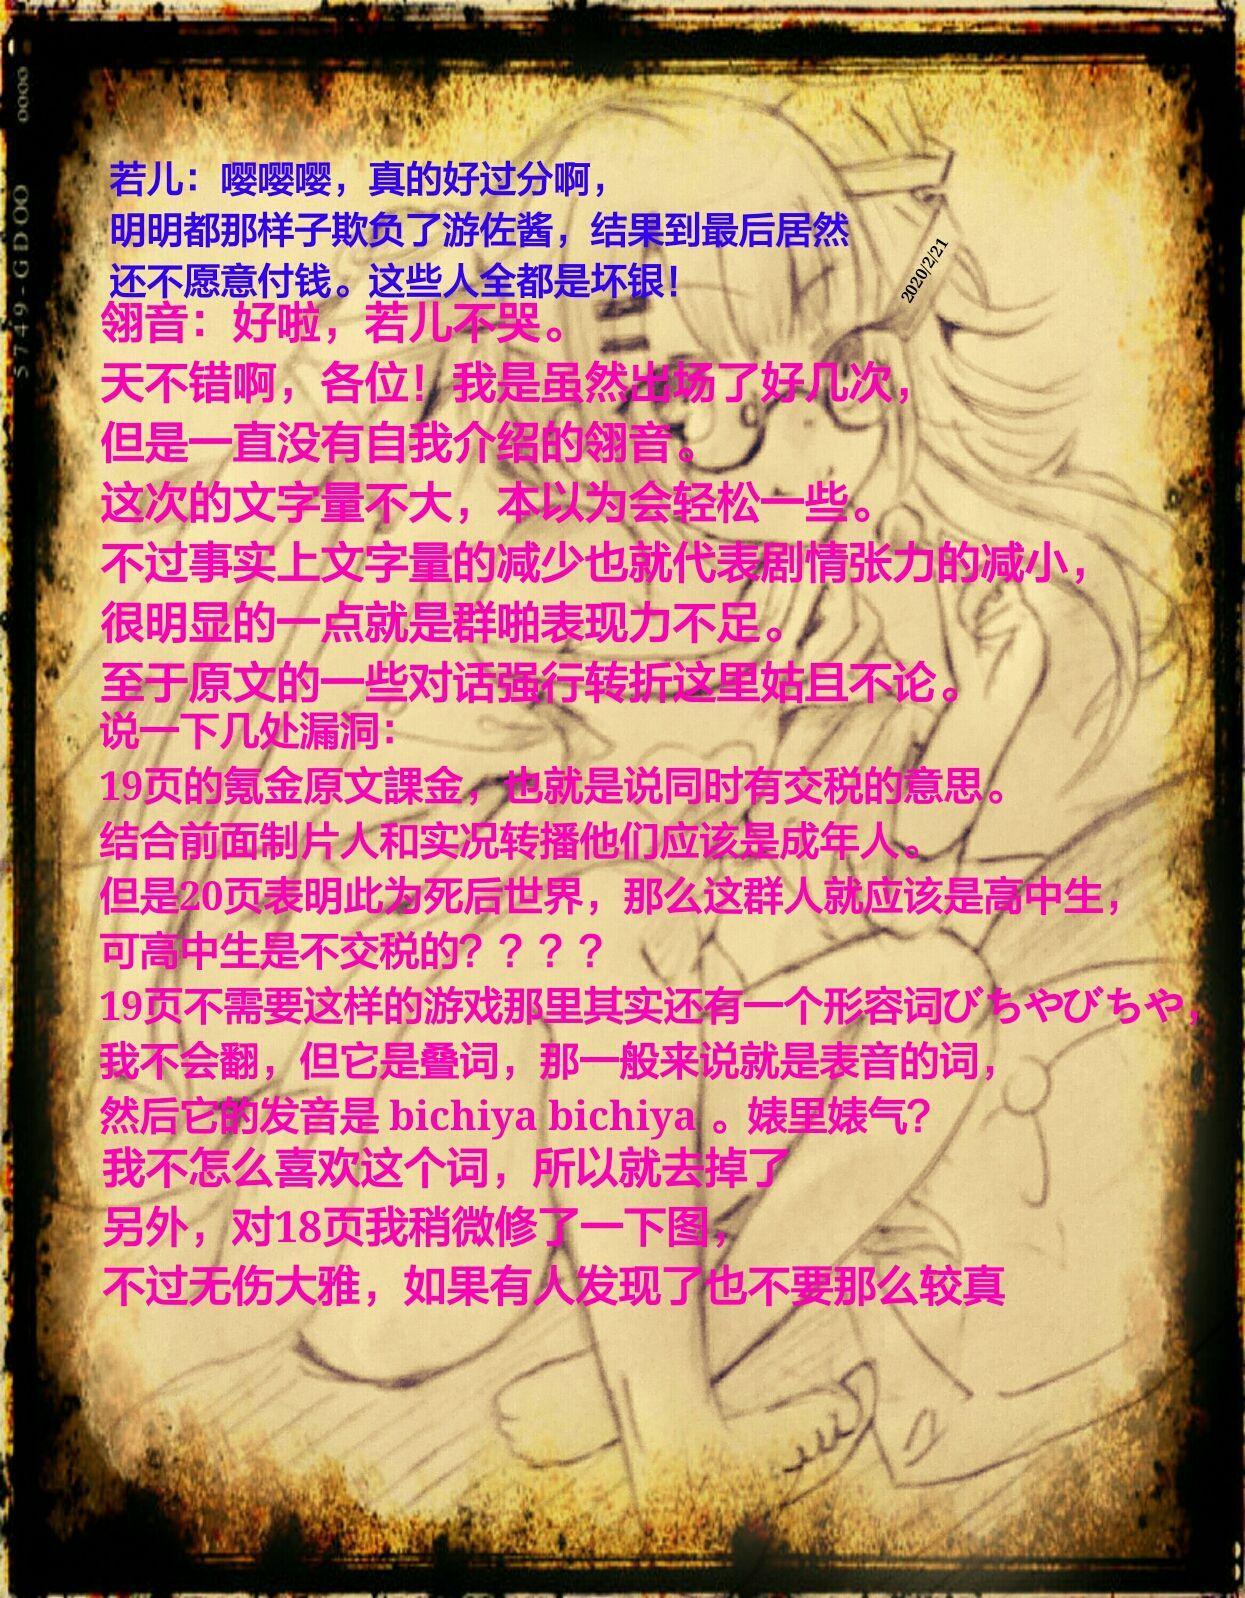 CG Jikkyou Shoutai Kenban 27